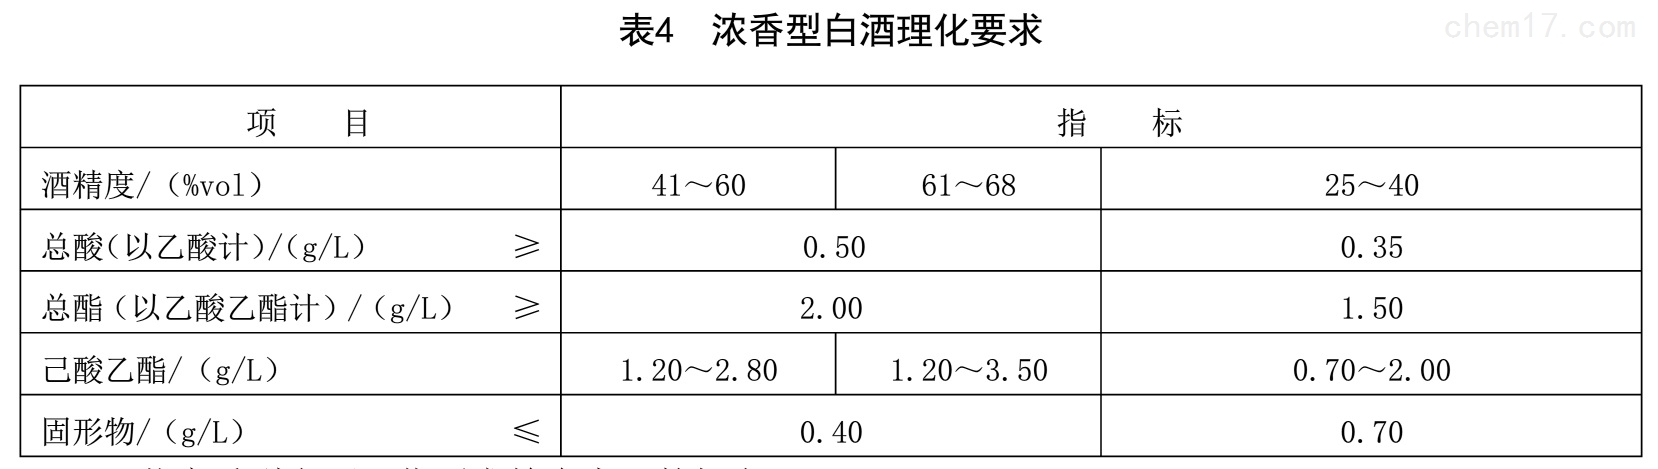 表4.jpg